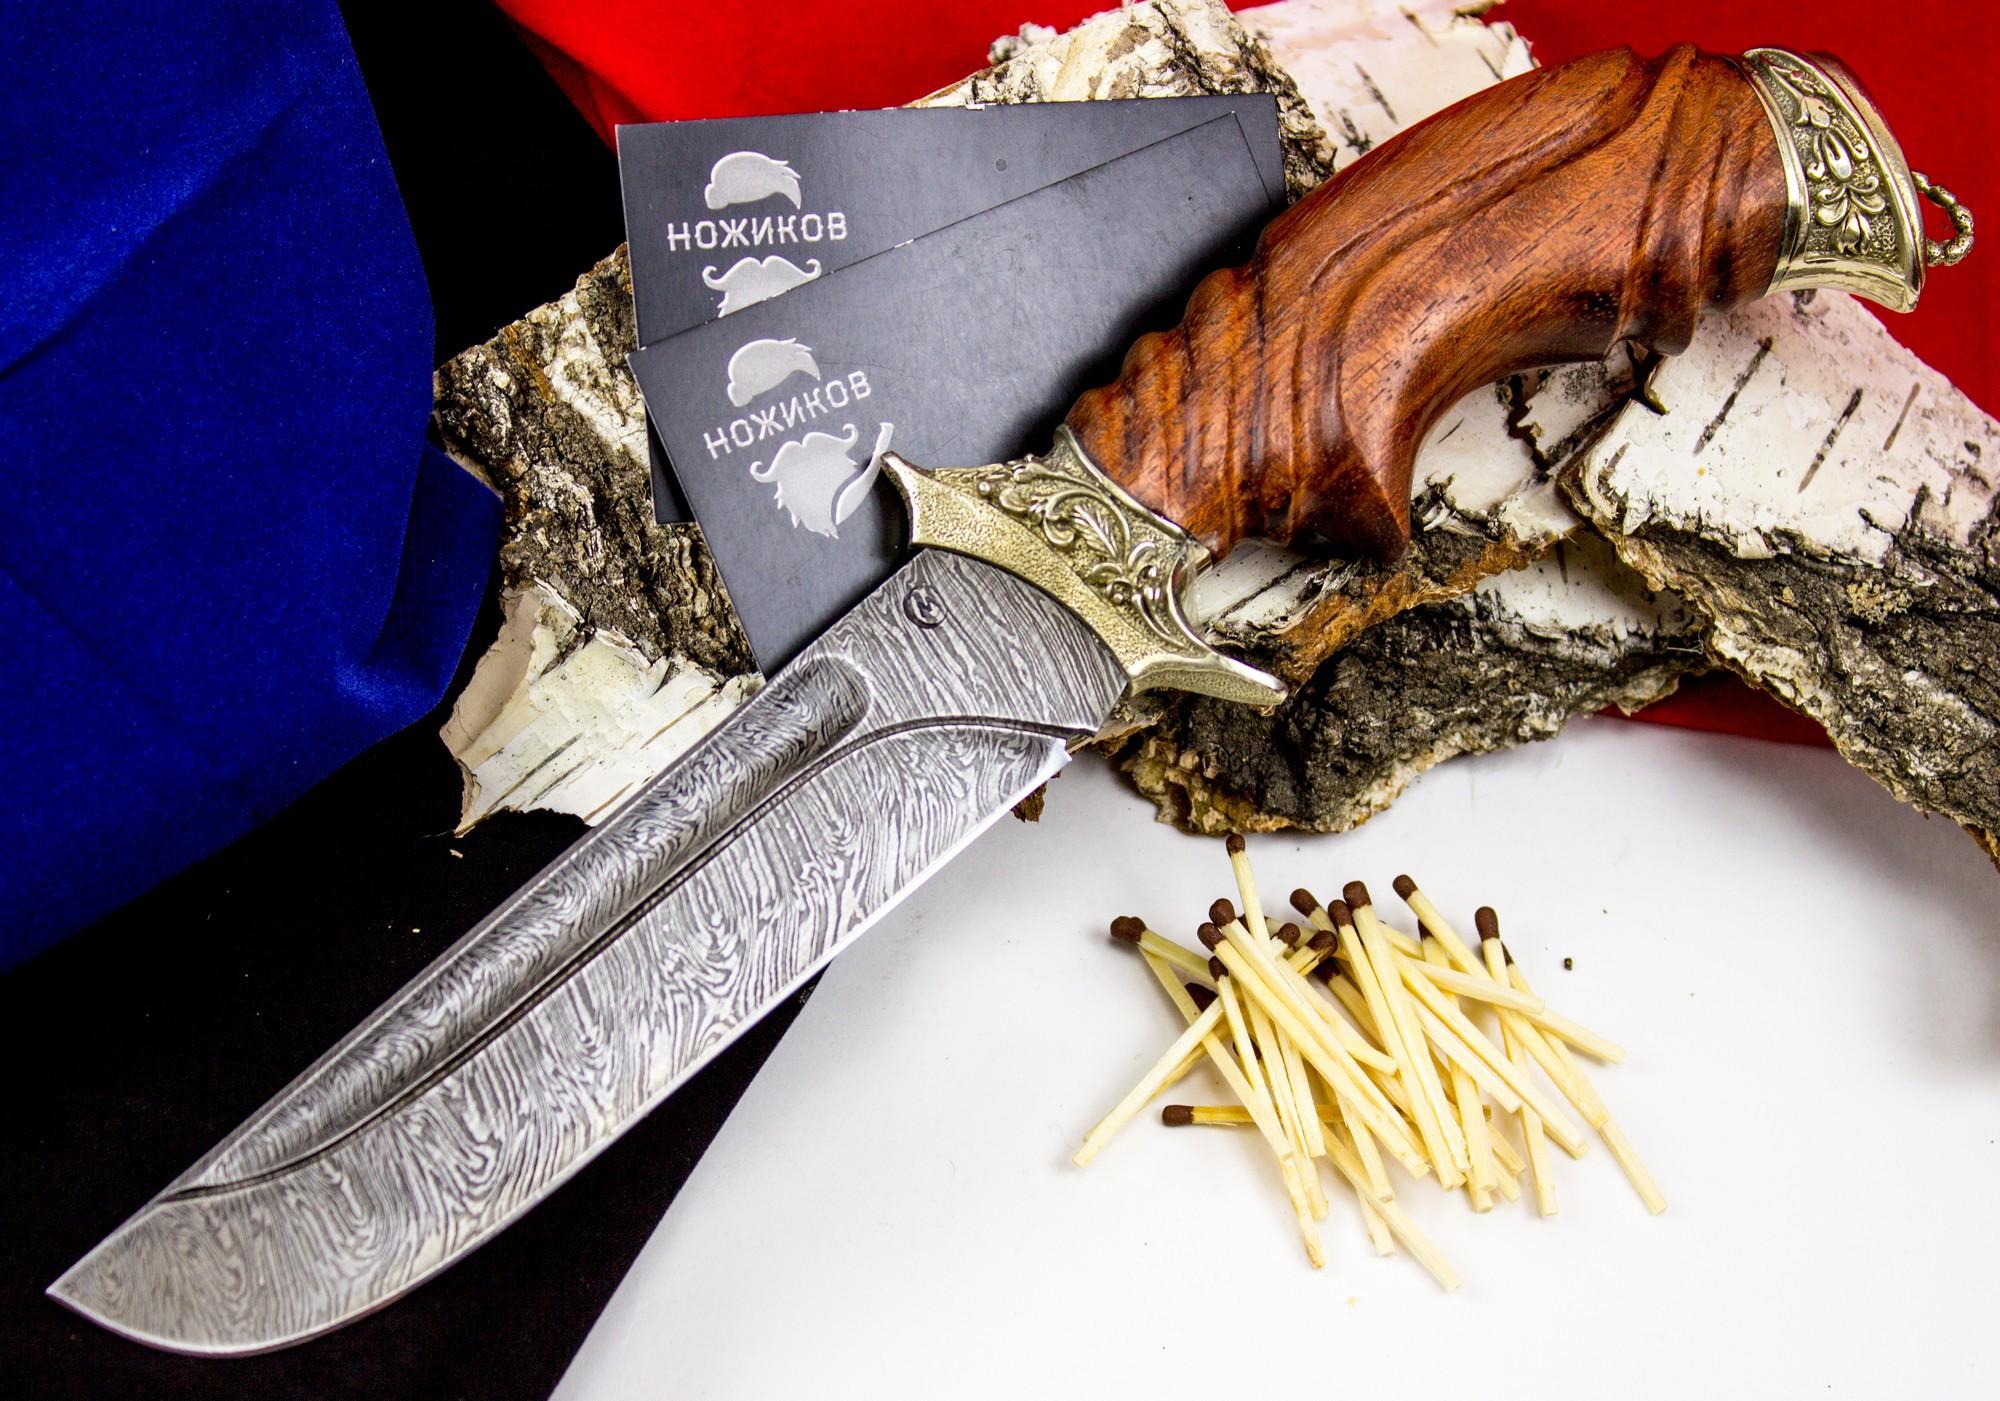 Фото 5 - Нож Варяг с резной рукоятью,  дамасская сталь, литье скорпион от Кузница Семина